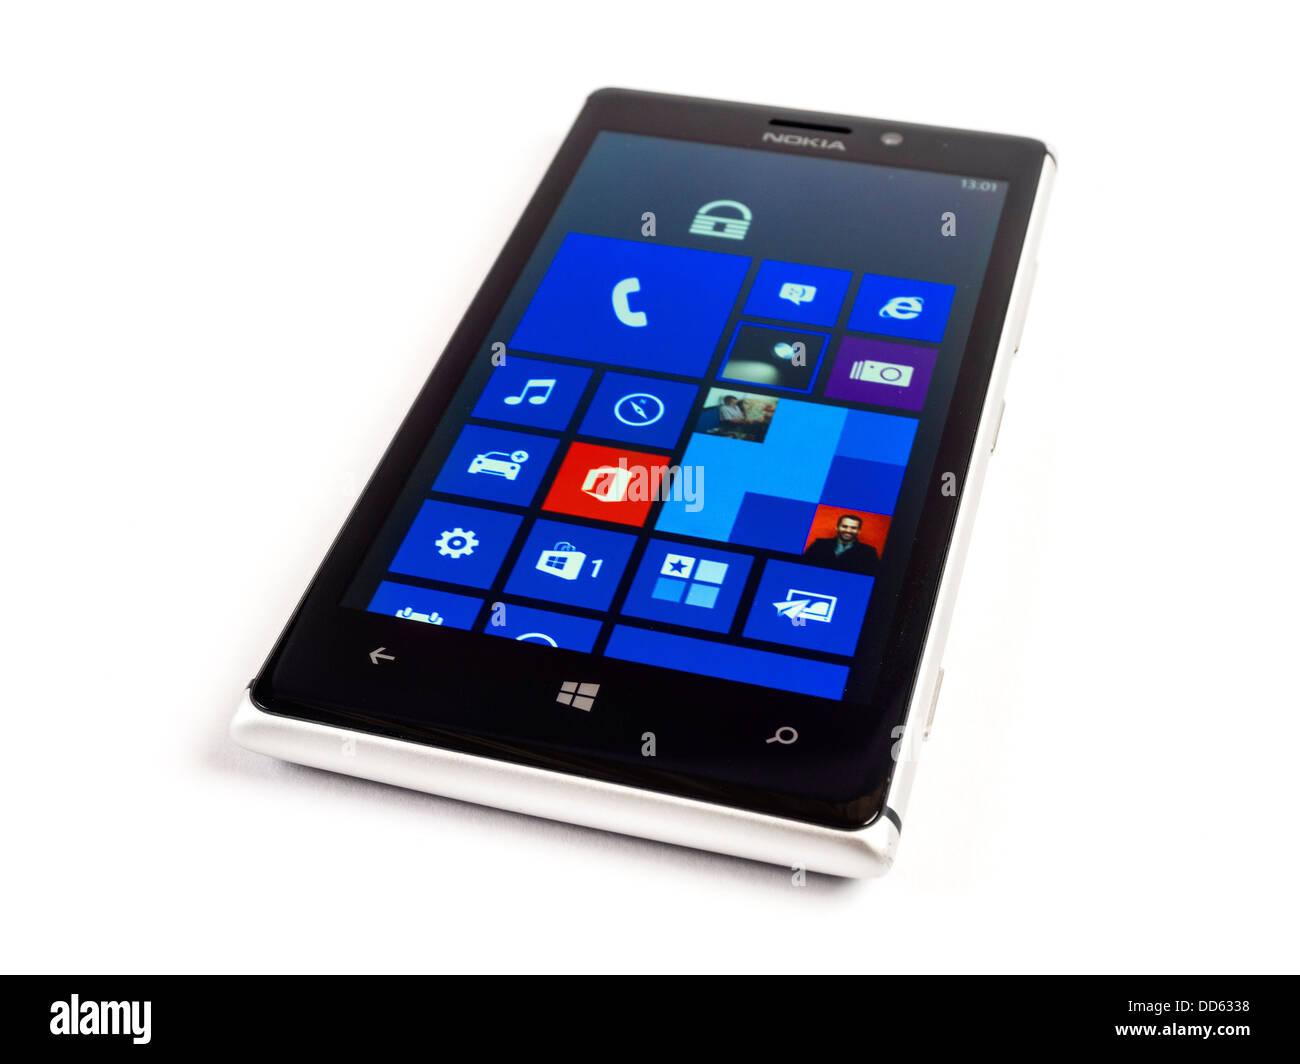 Nokia lumia 925 jpg - Jpg 1300x1065 Nokia Lumia 925 Background